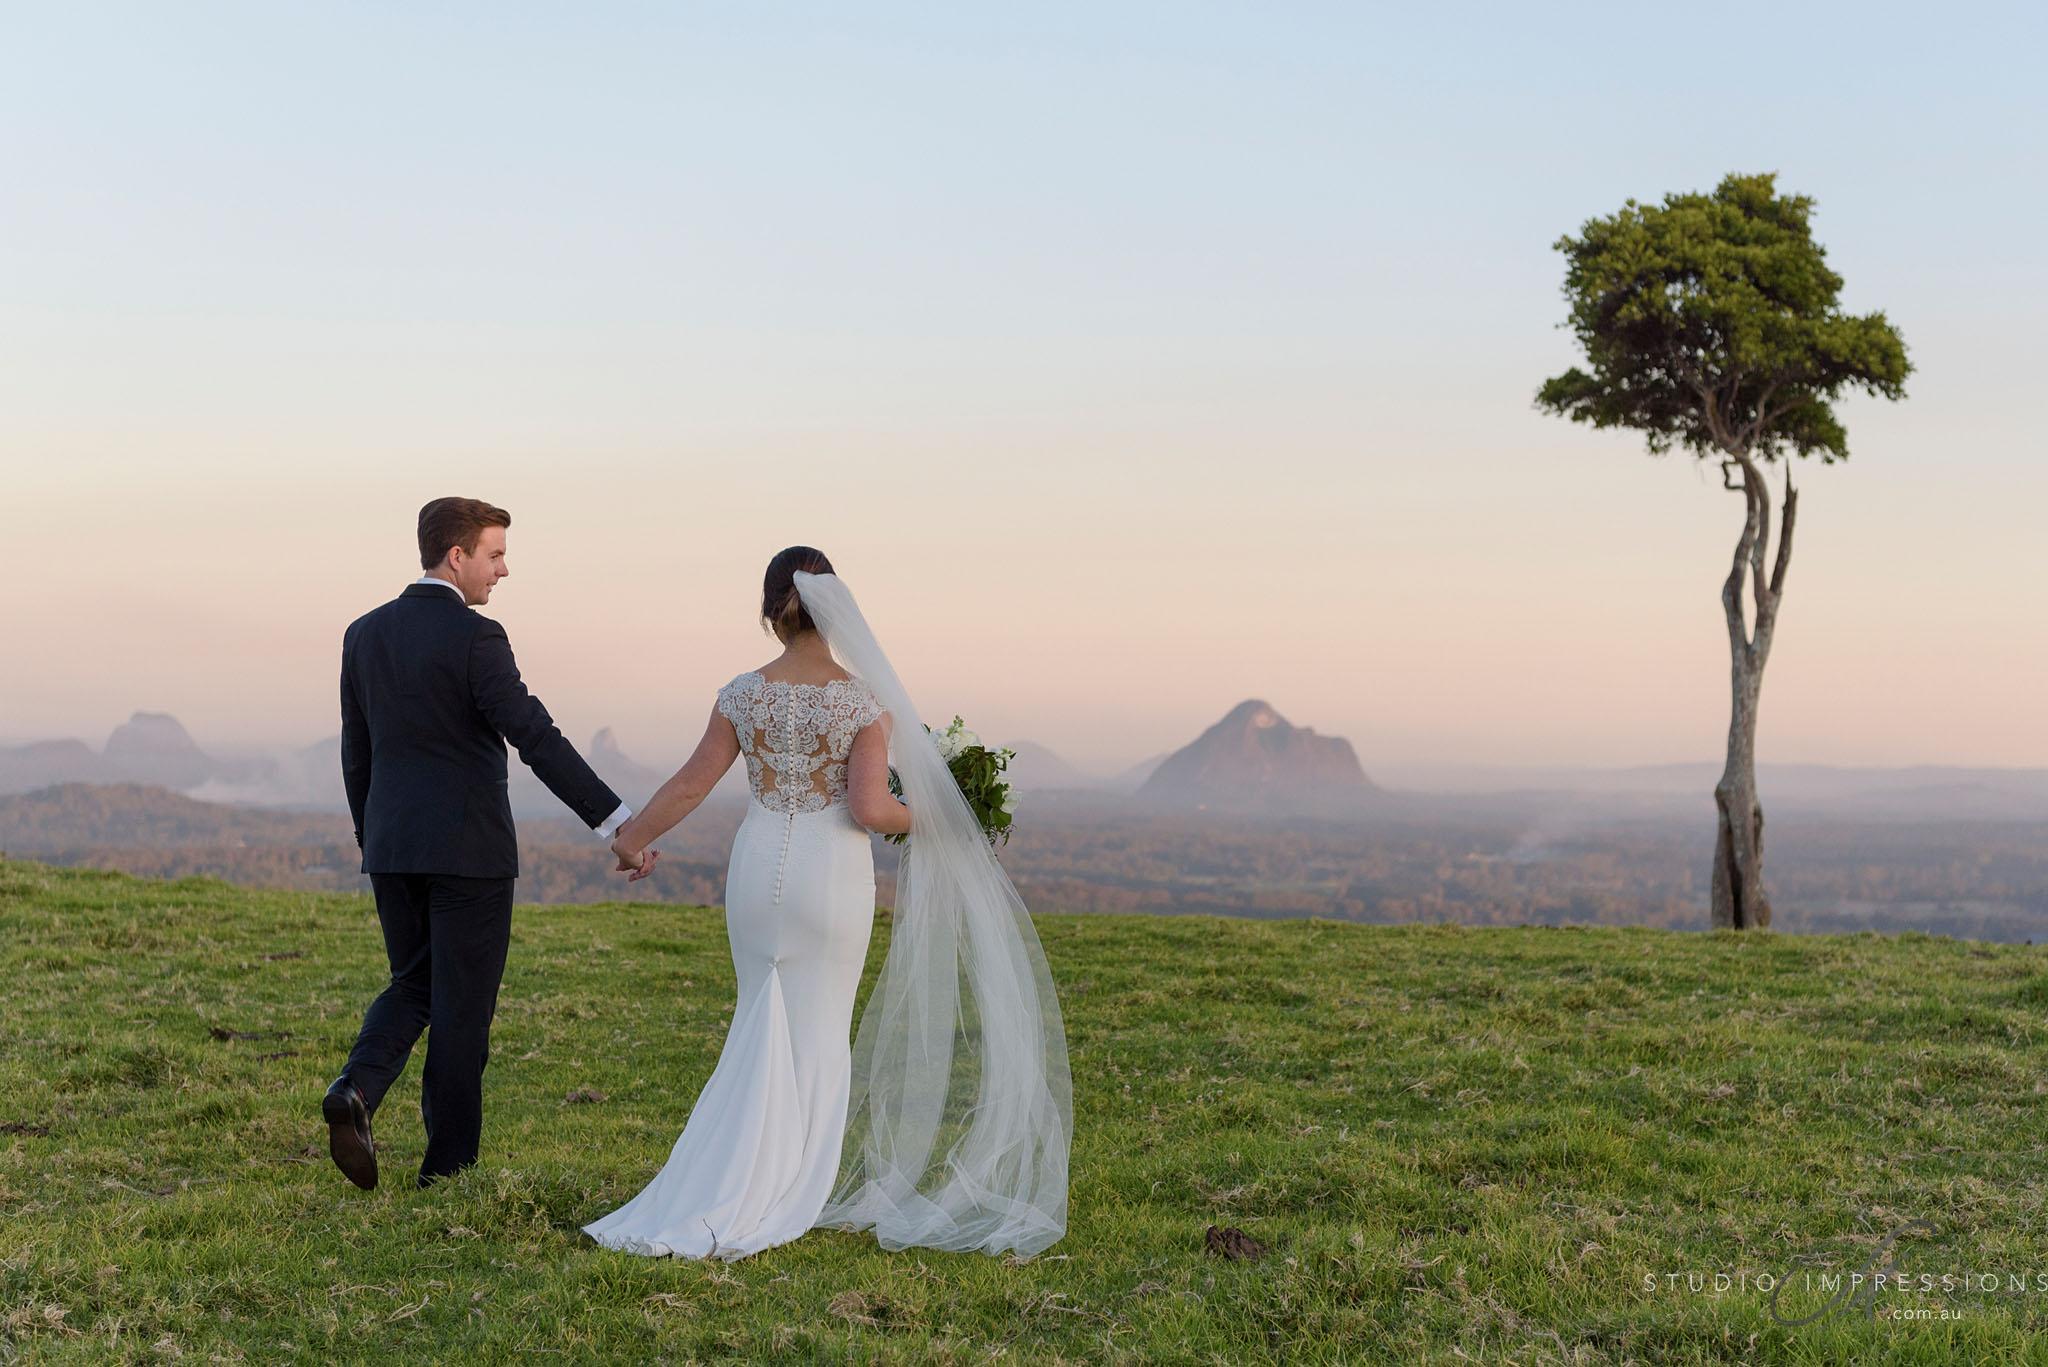 Darren & Gemma